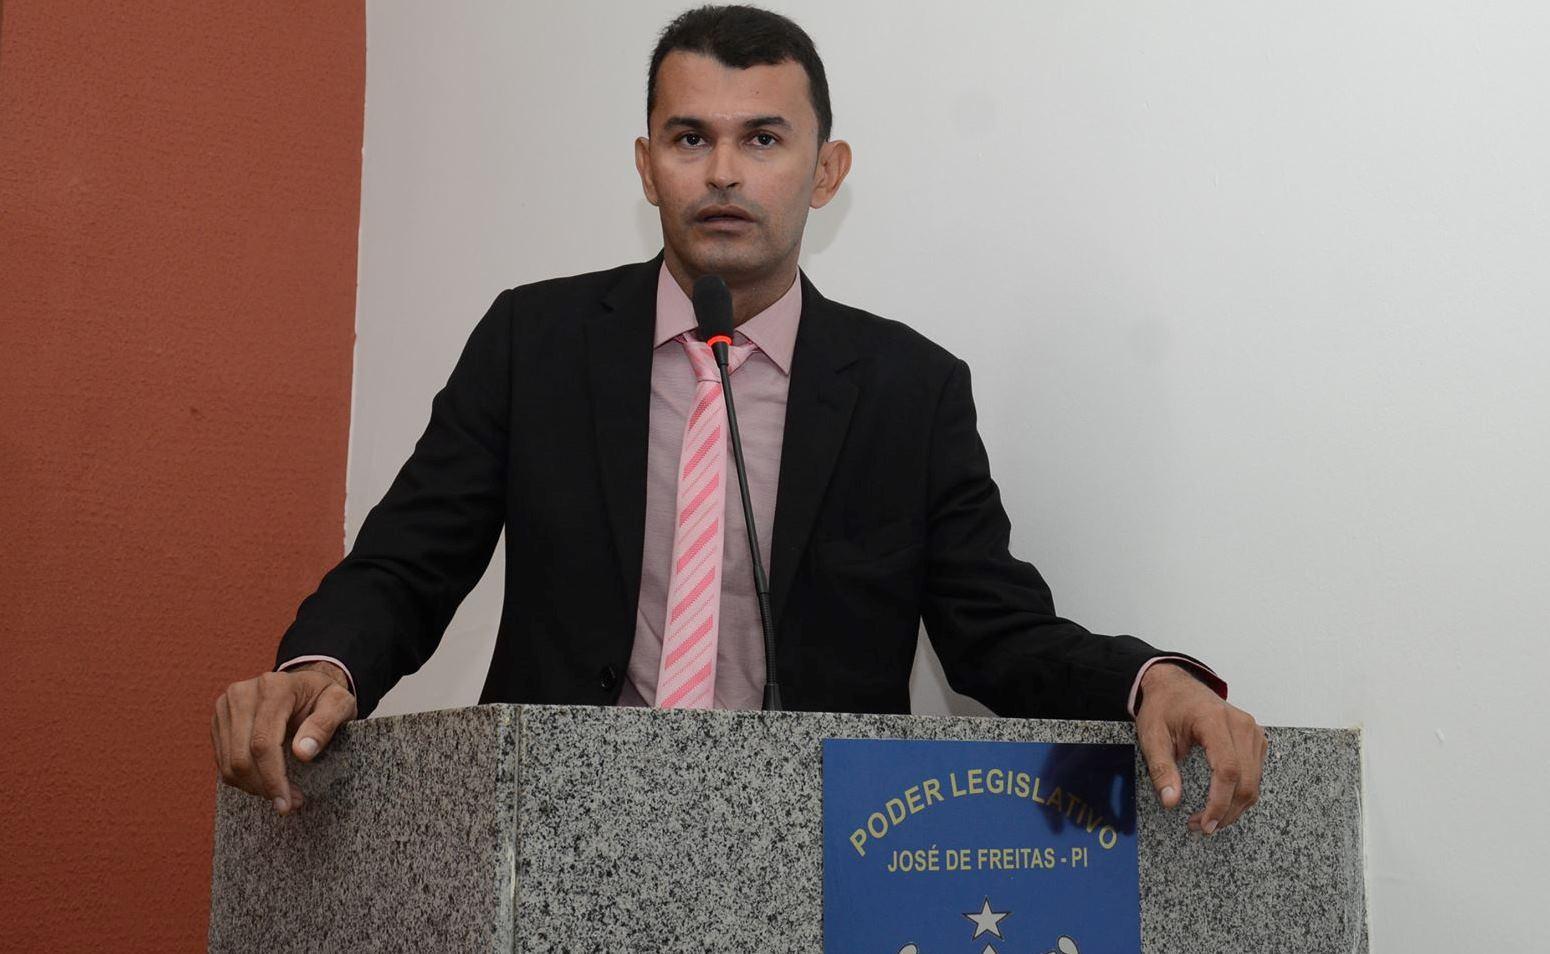 Vereador Pampa faz vários questionamentos sobre cobranças de estacionamentos em várias ruas públicas durante o período do Zé Pereira em José de Freitas